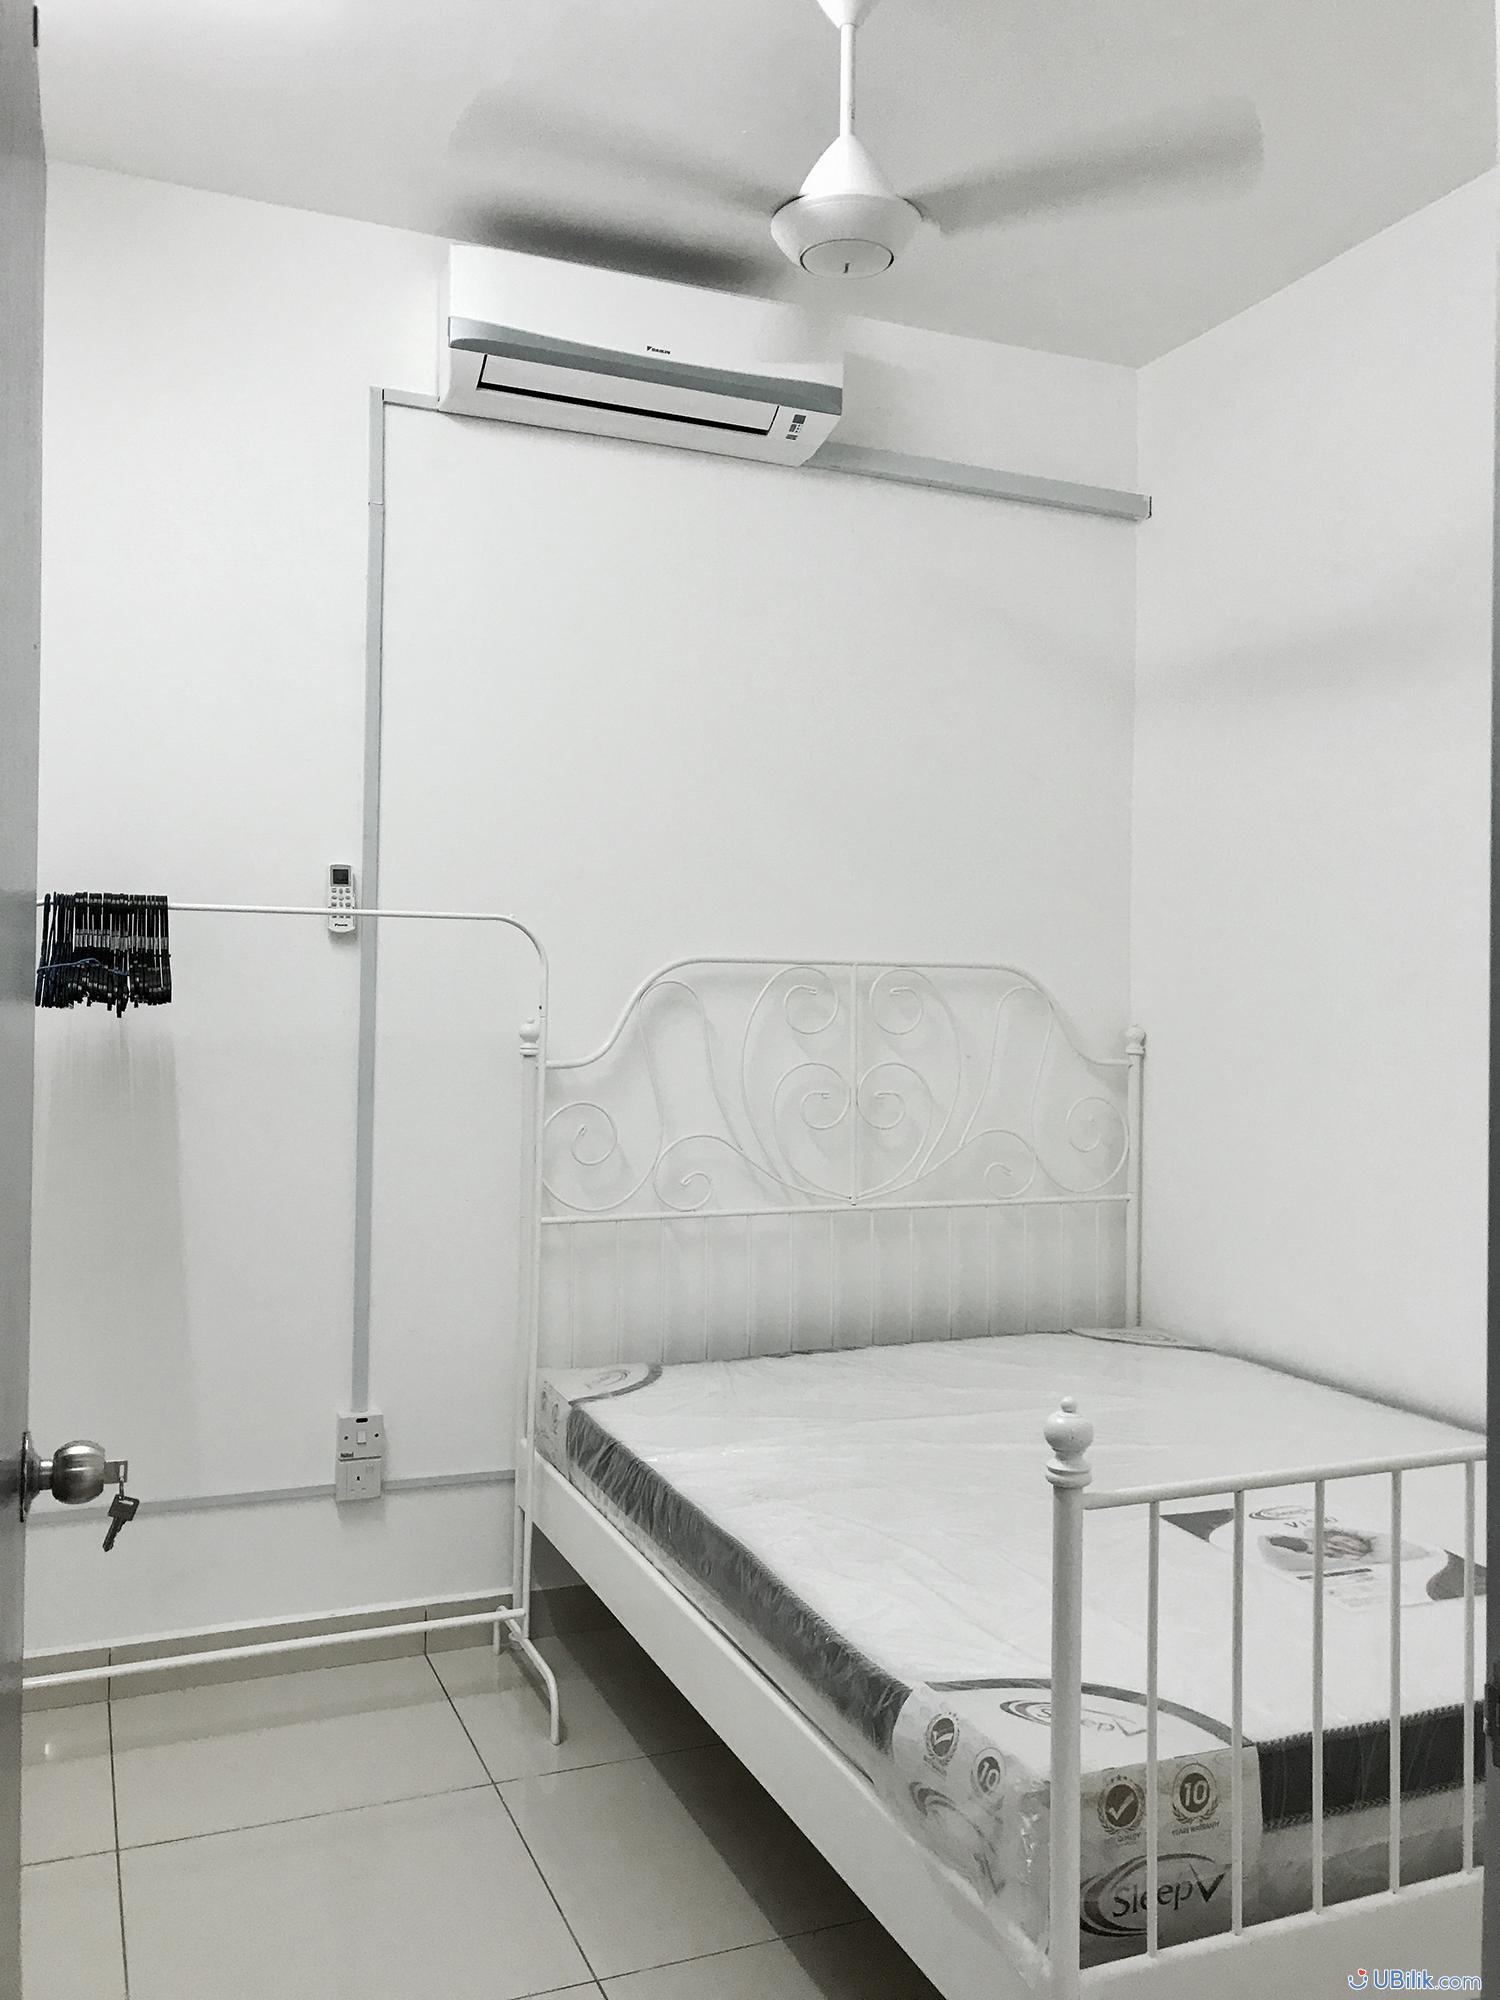 FFurnished Medium Room at You Vista Cheras 3 min walking to MRT Suntex KL Sentral Velocity BBintang ubilik room hostel rental_02